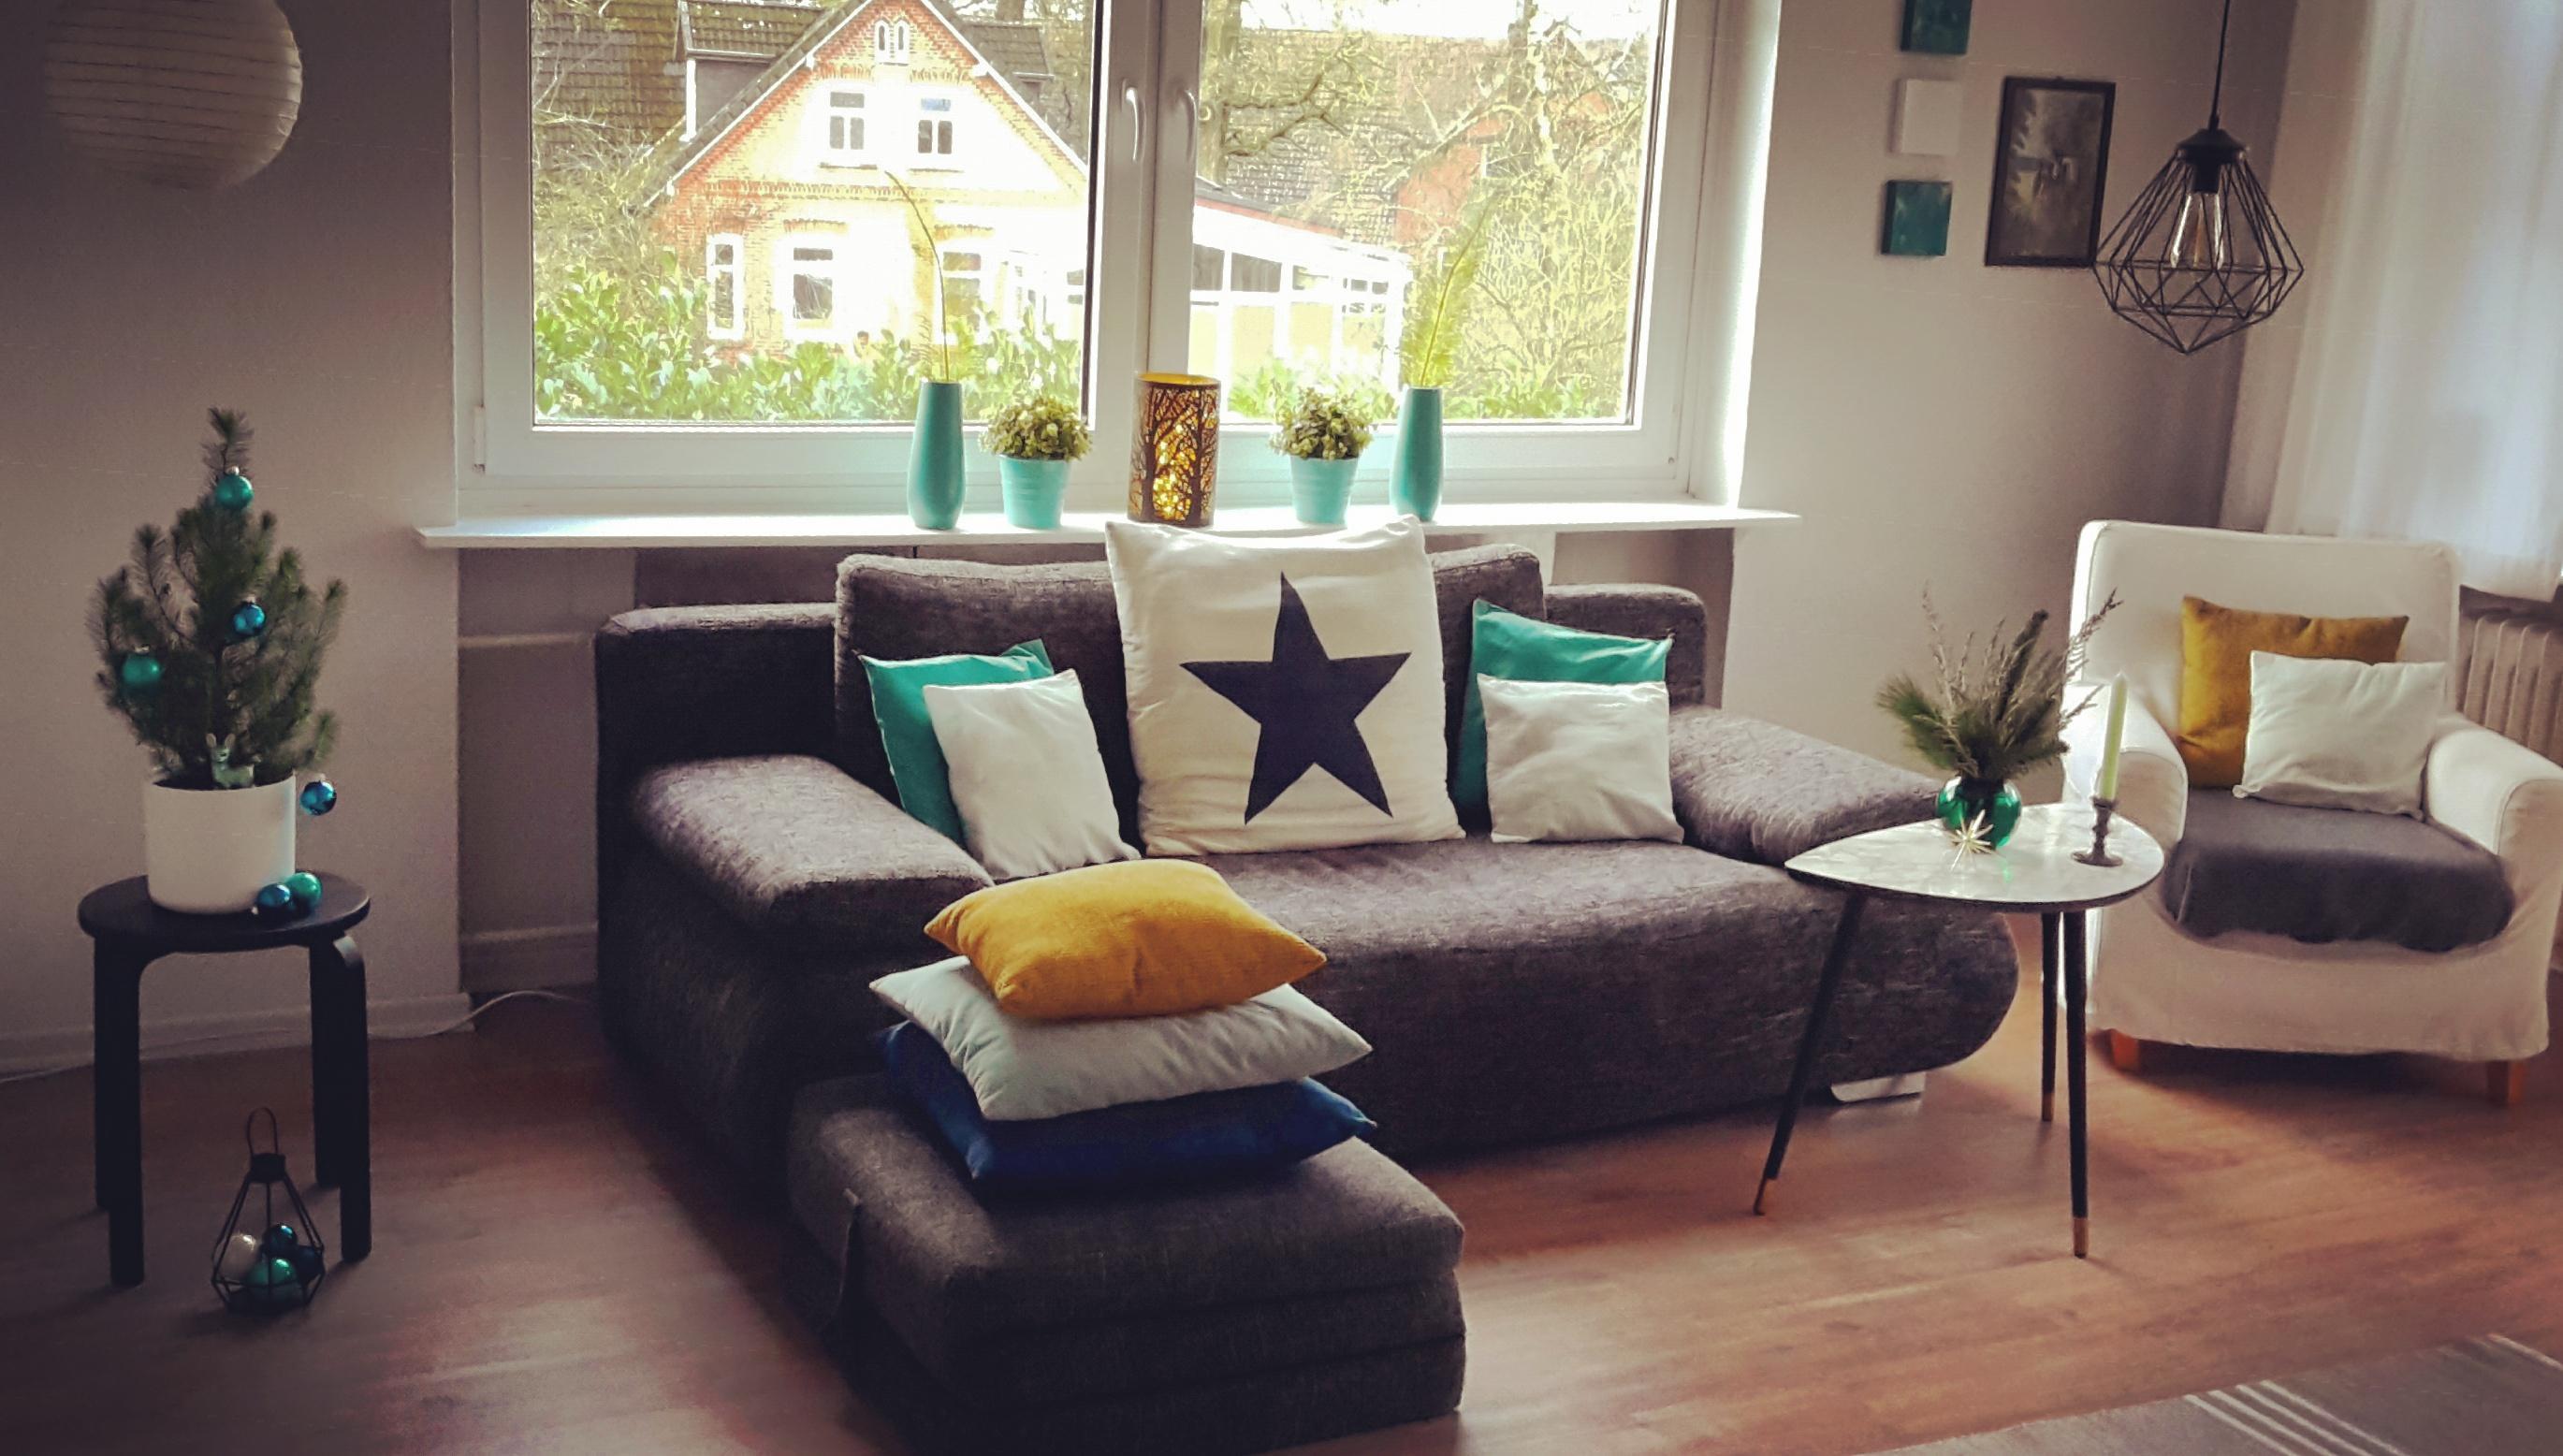 wohnzimmer ? bilder & ideen ? couchstyle - Ideen Für Das Wohnzimmer